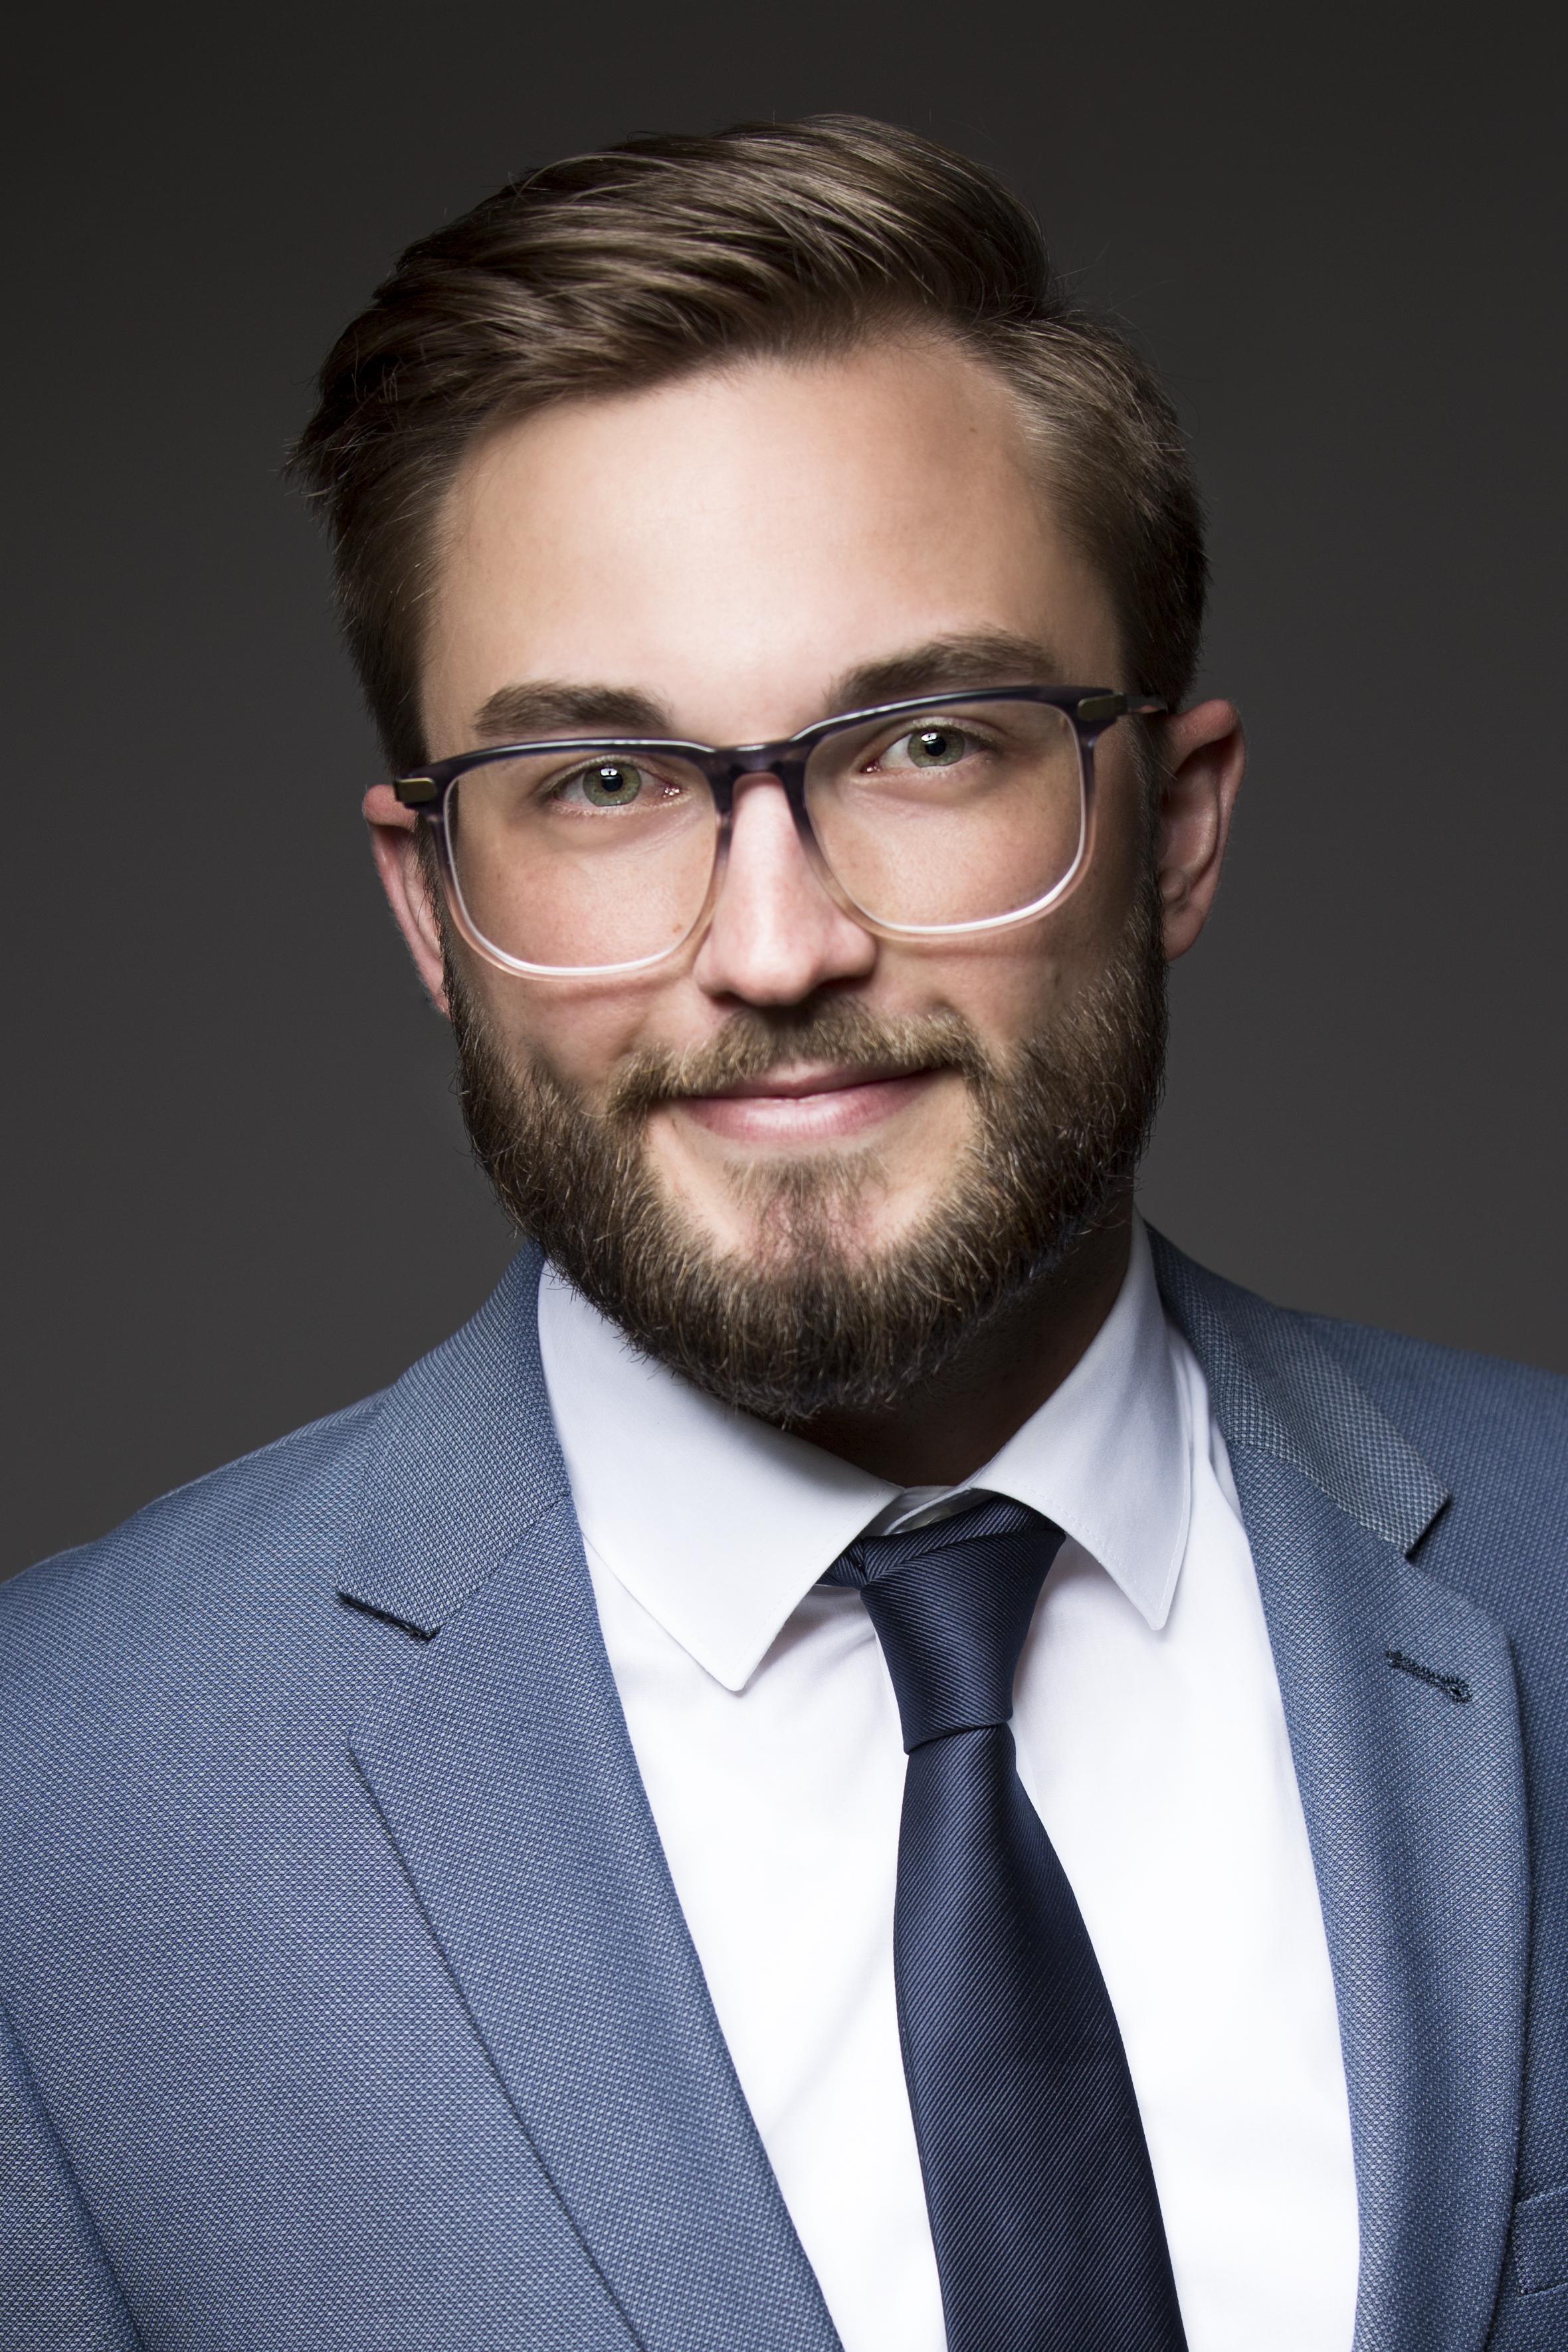 Profilfoto von Benjamin Eckstein